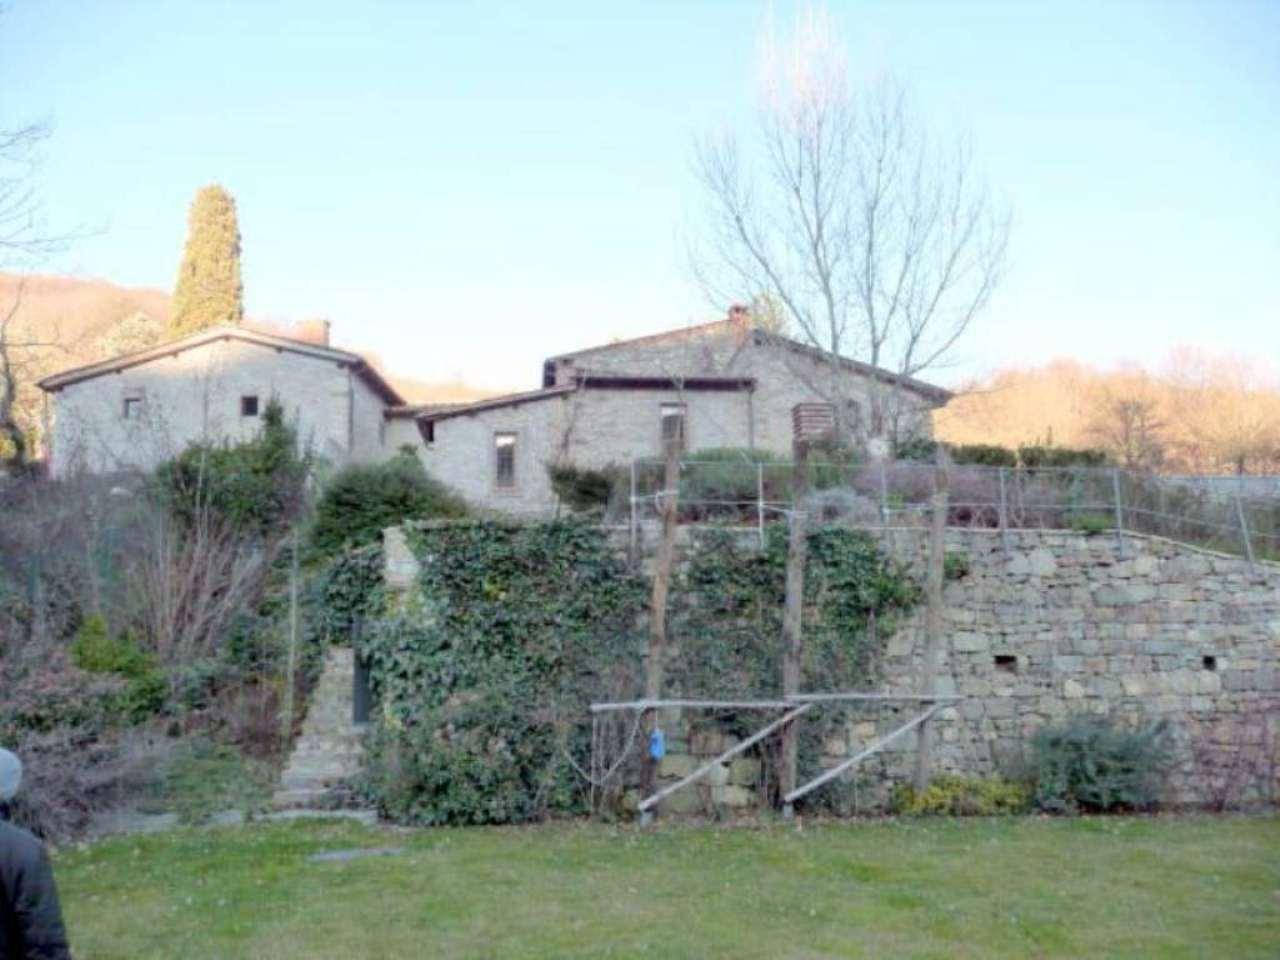 Rustico / Casale in vendita a Pontassieve, 6 locali, prezzo € 800.000 | CambioCasa.it